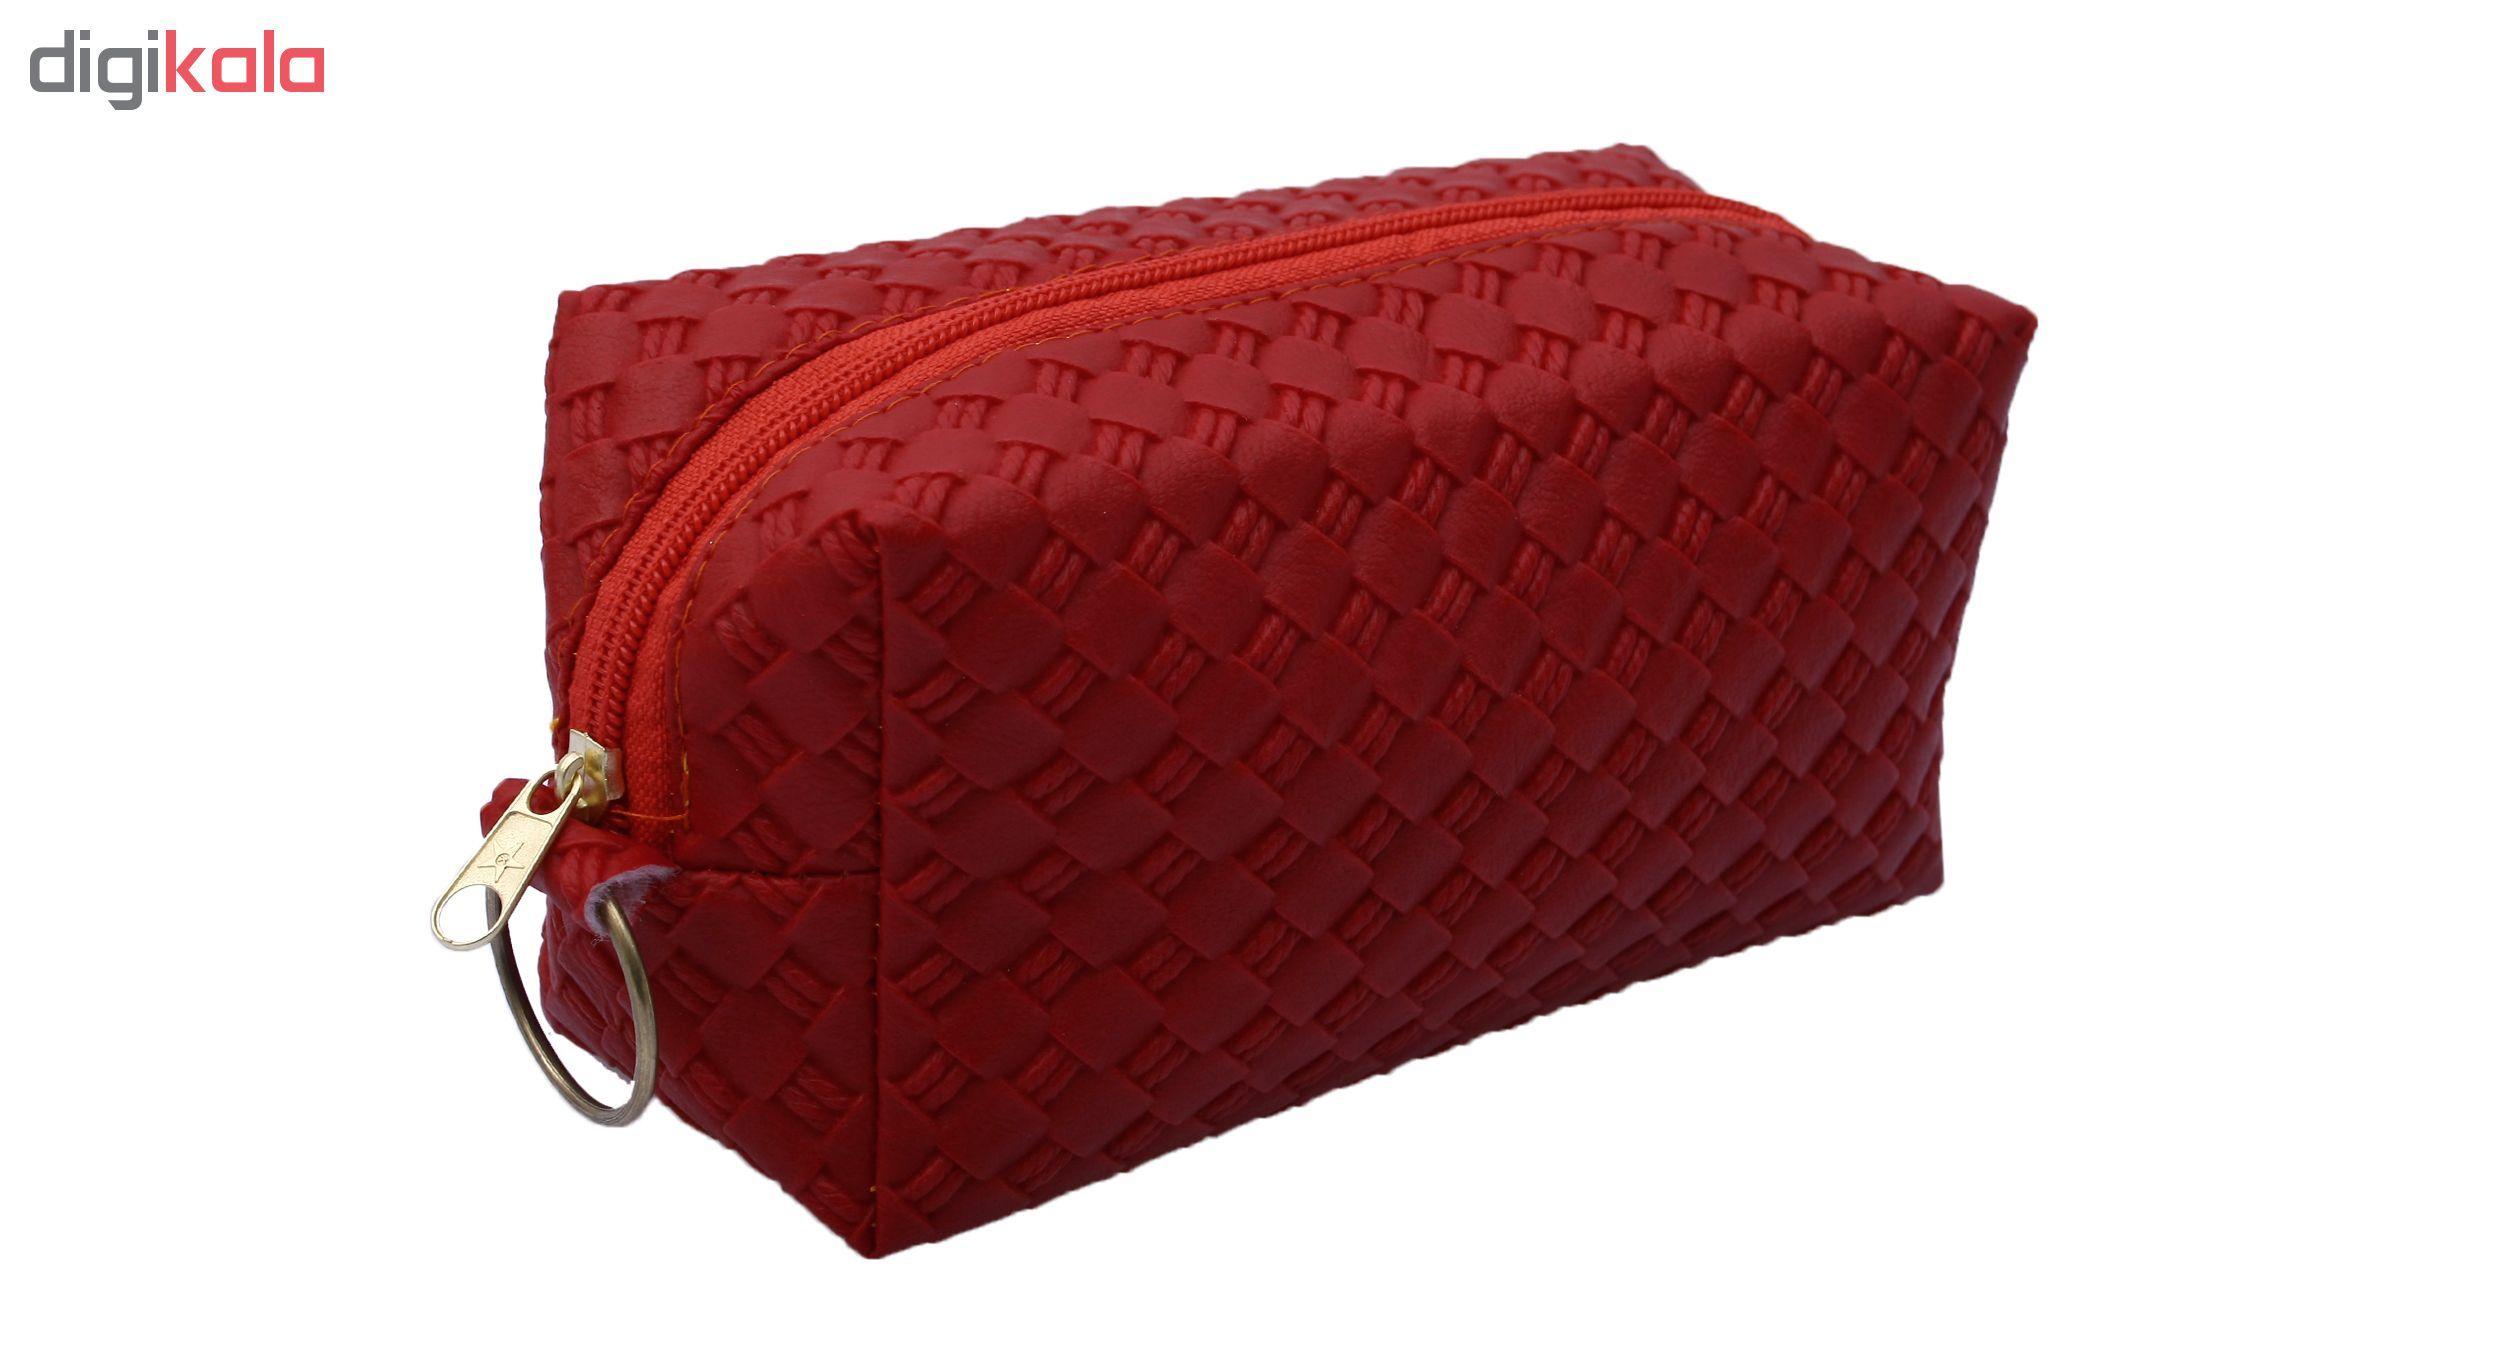 کیف لوازم آرایش کد GT0103 main 1 10